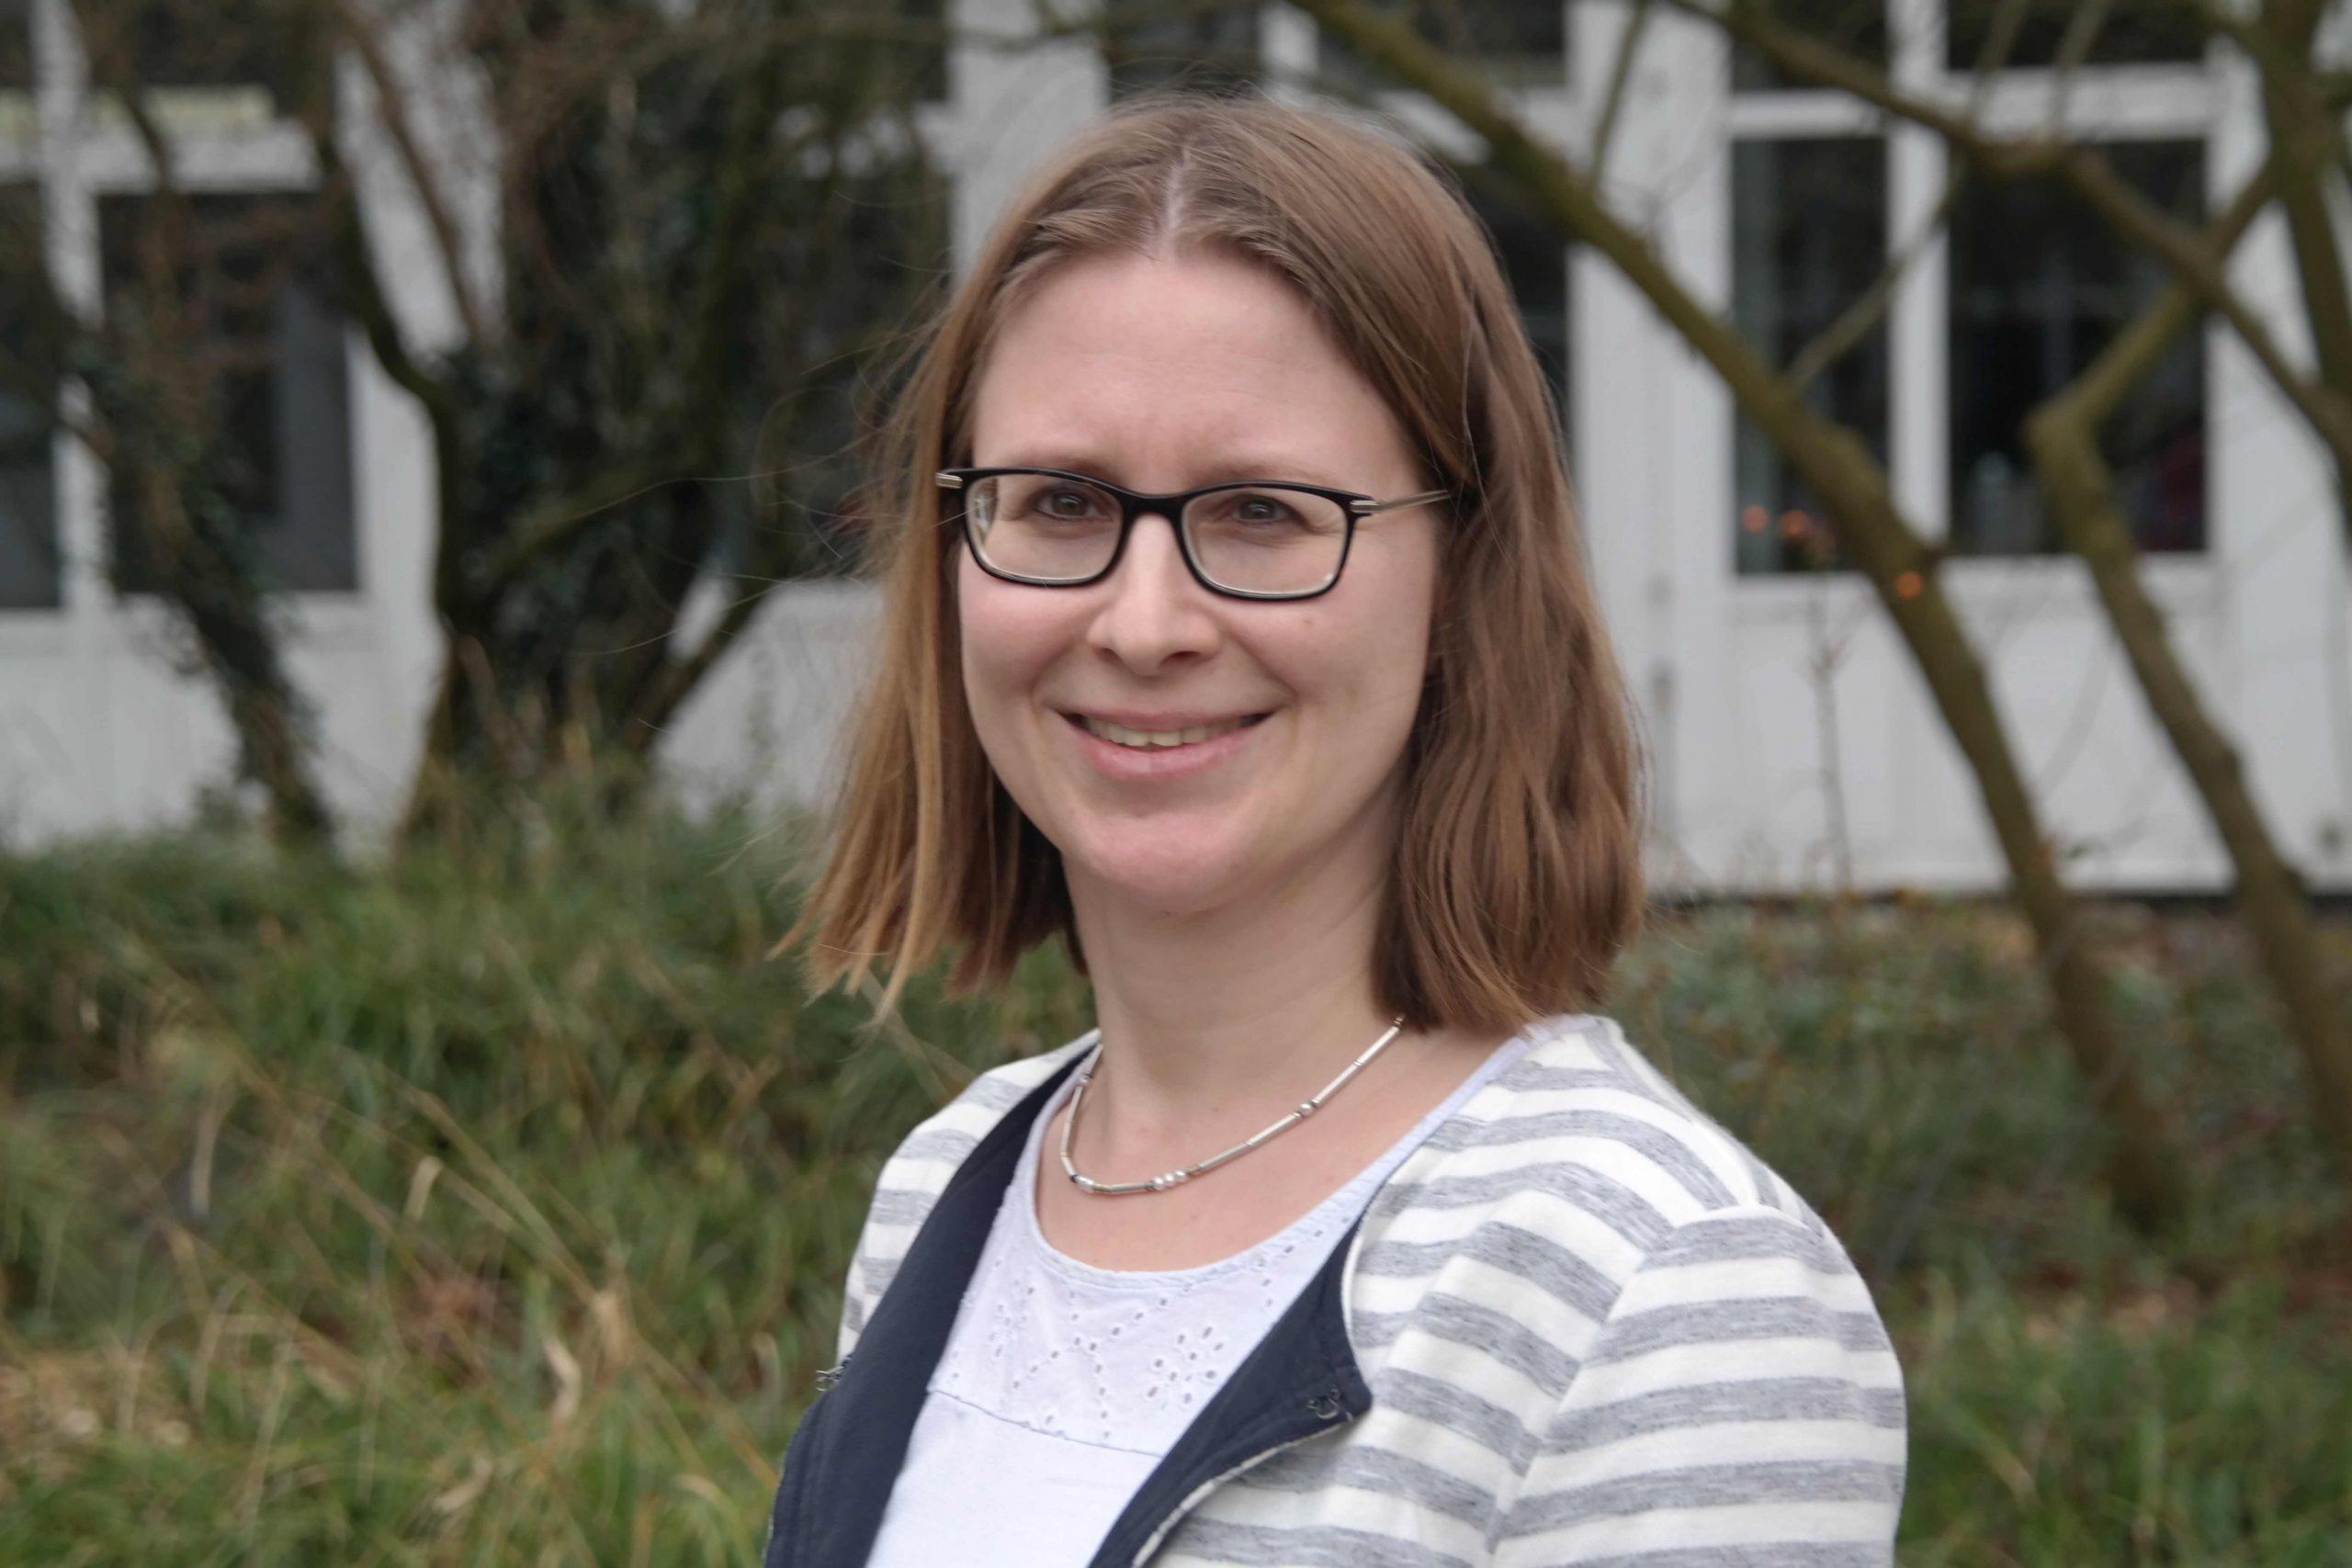 Frau Dr. Stöppelkamp